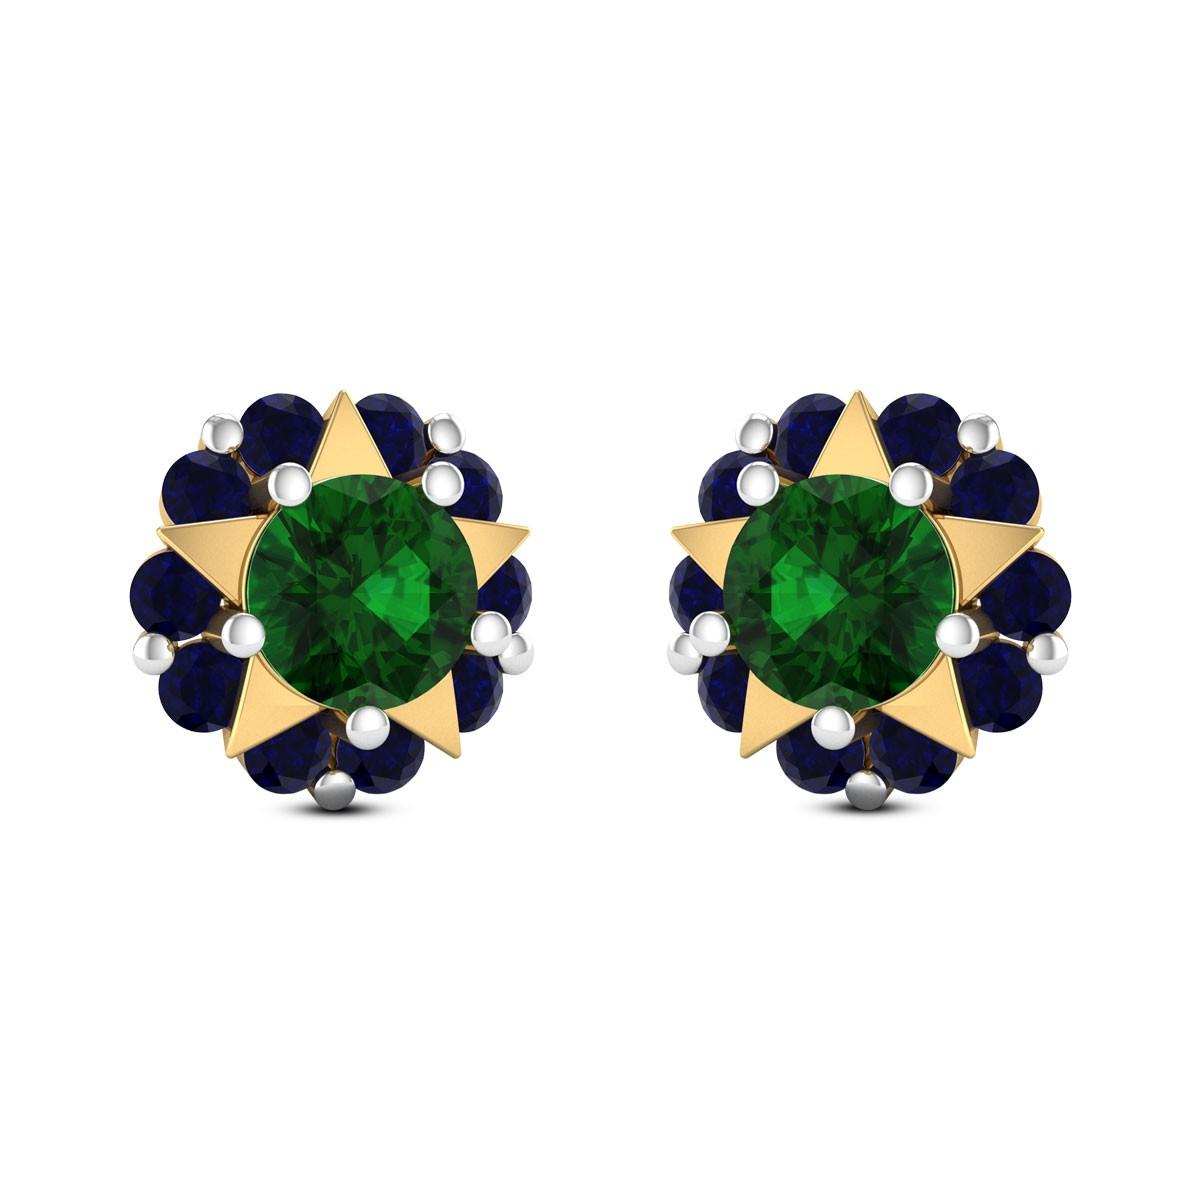 Floral Star Stud Earrings